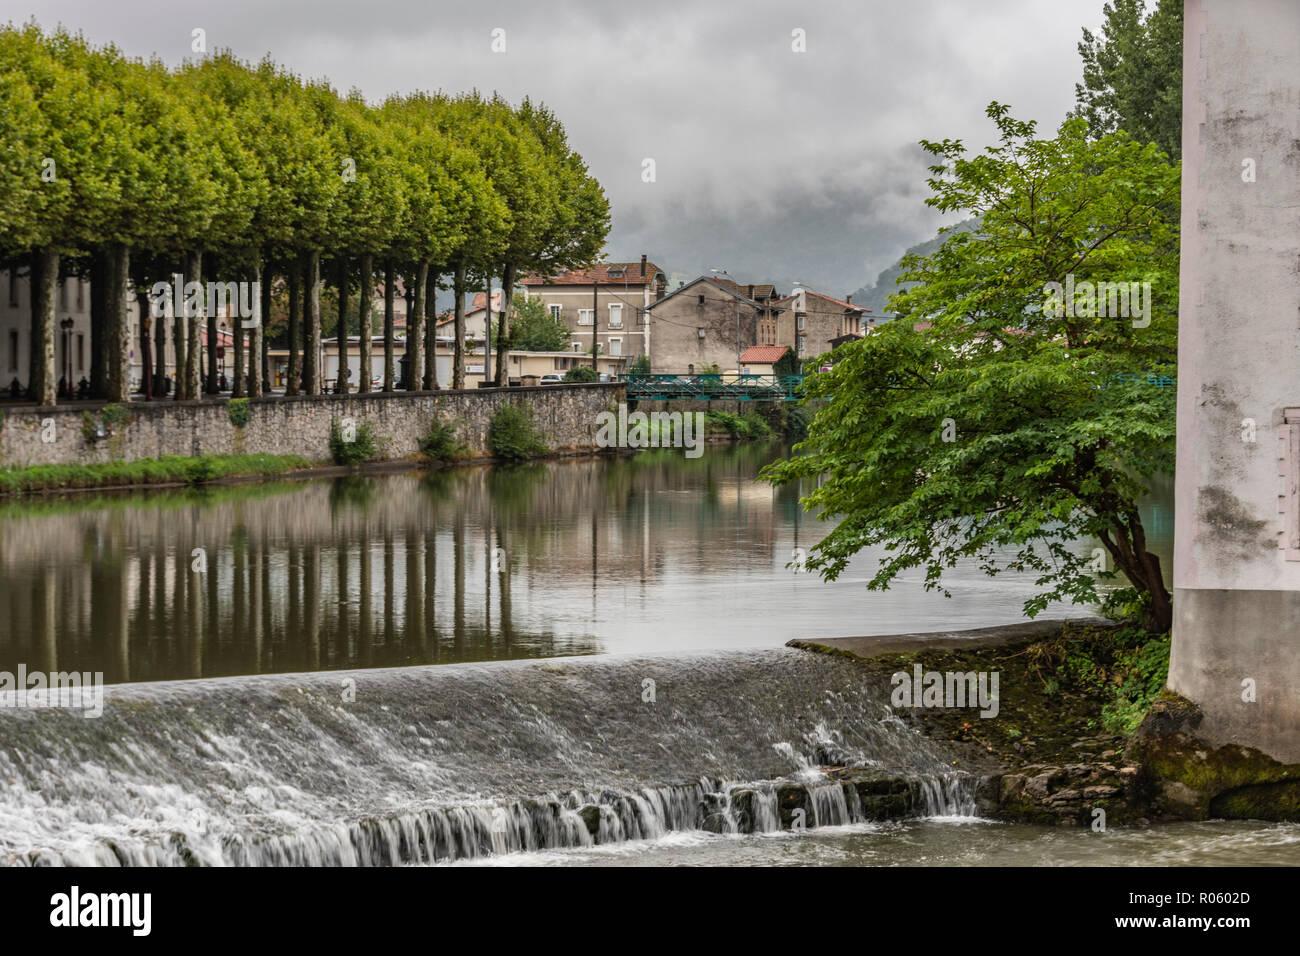 Damm am Fluss Salat in dem Dorf Saint Girons und im Hintergrund sehen Sie die Pyrenäen. Frankreich Stockbild